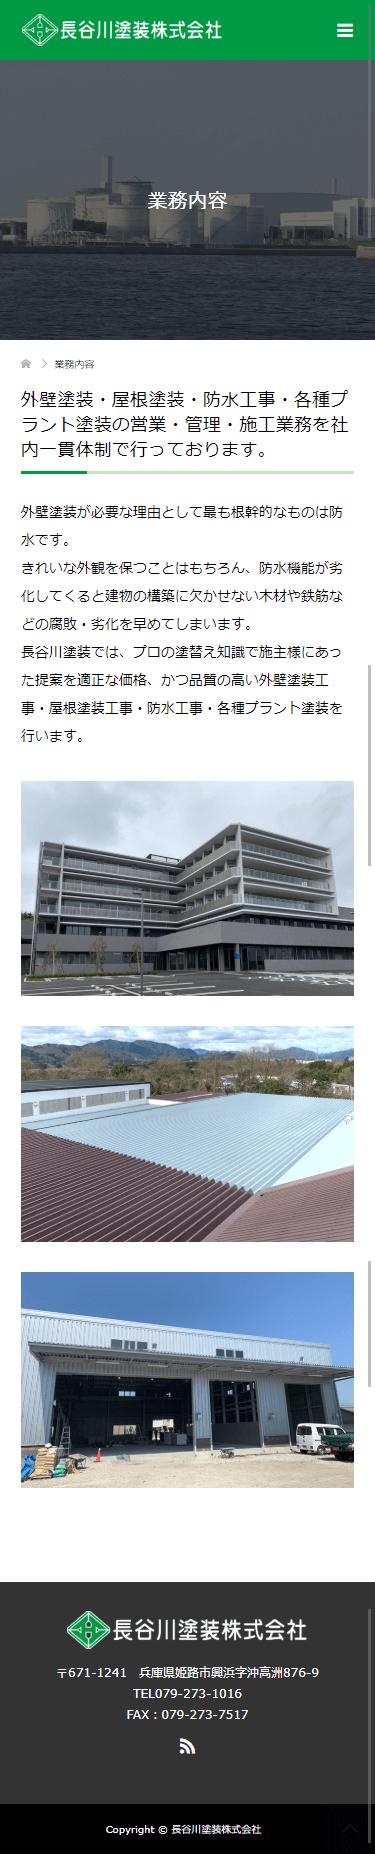 姫路市 長谷川塗装株式会社 ホームページ制作4